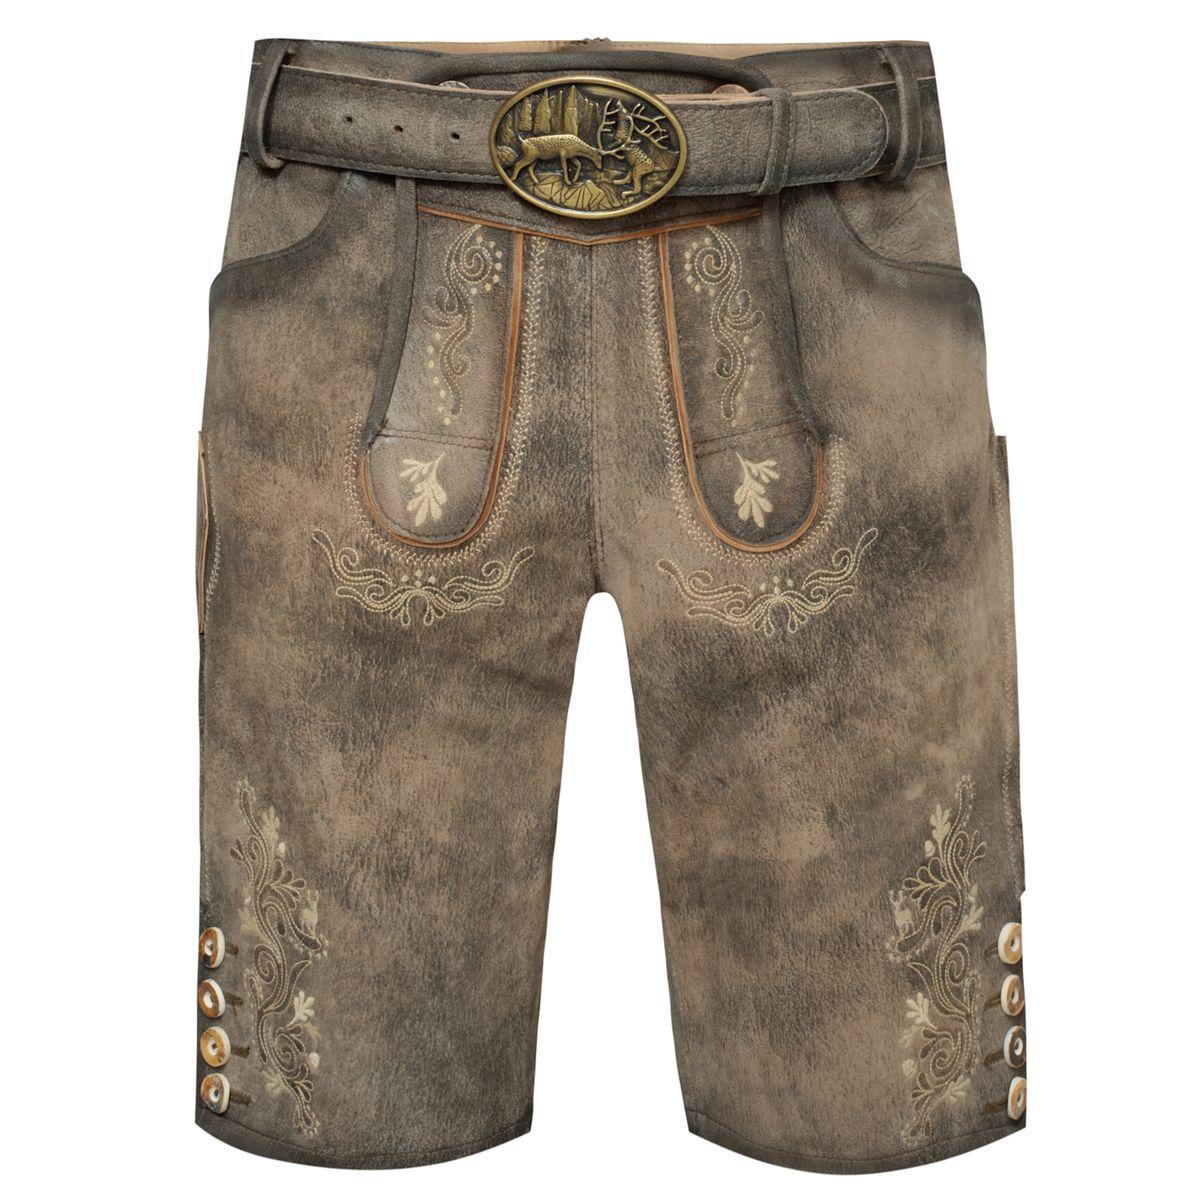 5880b2925bb4 Kurze Lederhose 7004 in Braun von Marjo Trachten   eBay